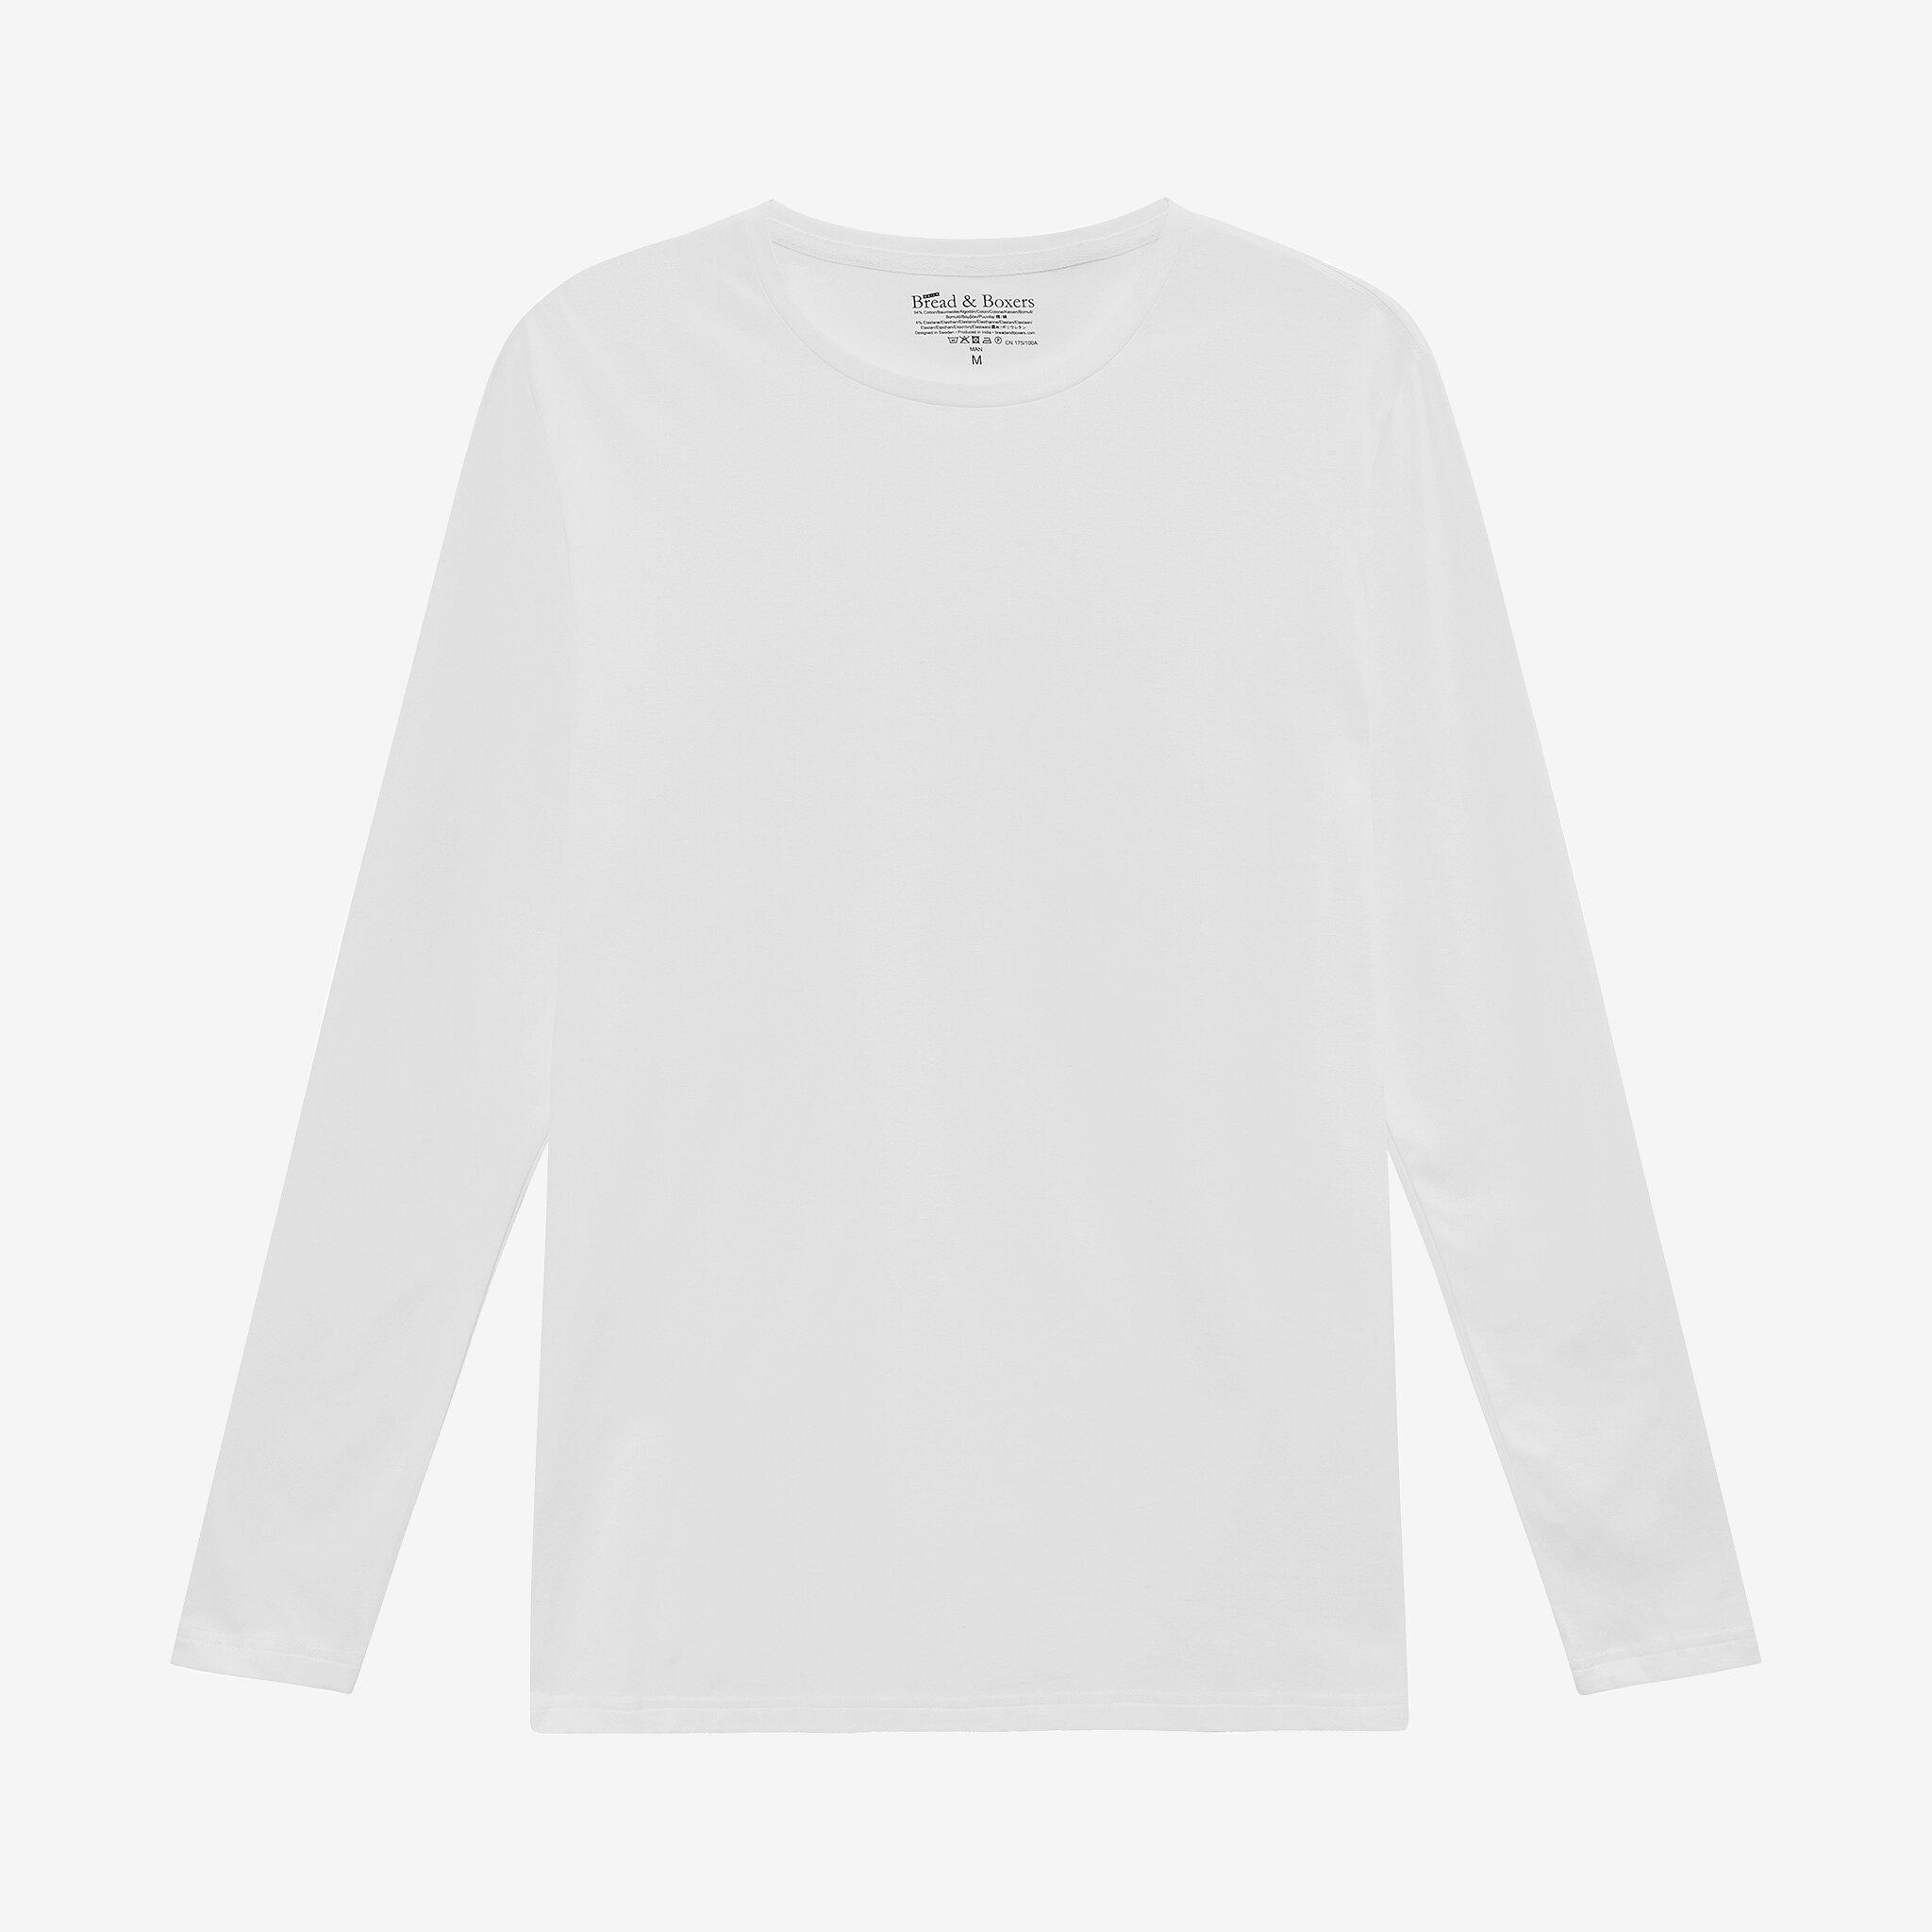 Long Sleeve Crew-Neck